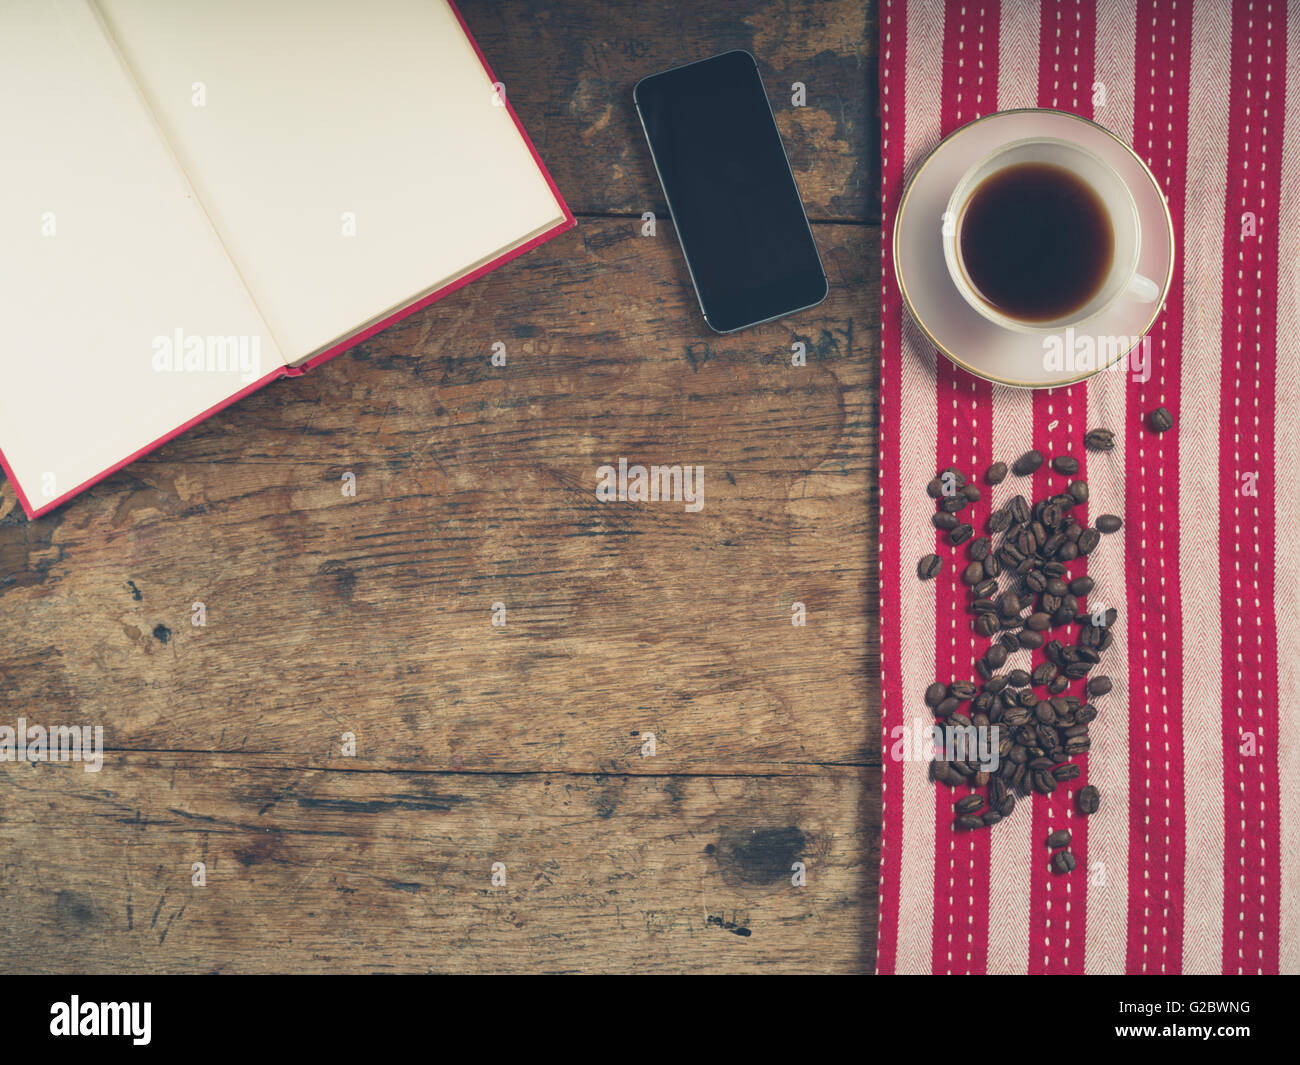 Coup de frais généraux de café concept avec tasse de thé, une serviette, un livre ouvert et un téléphone intelligent Banque D'Images